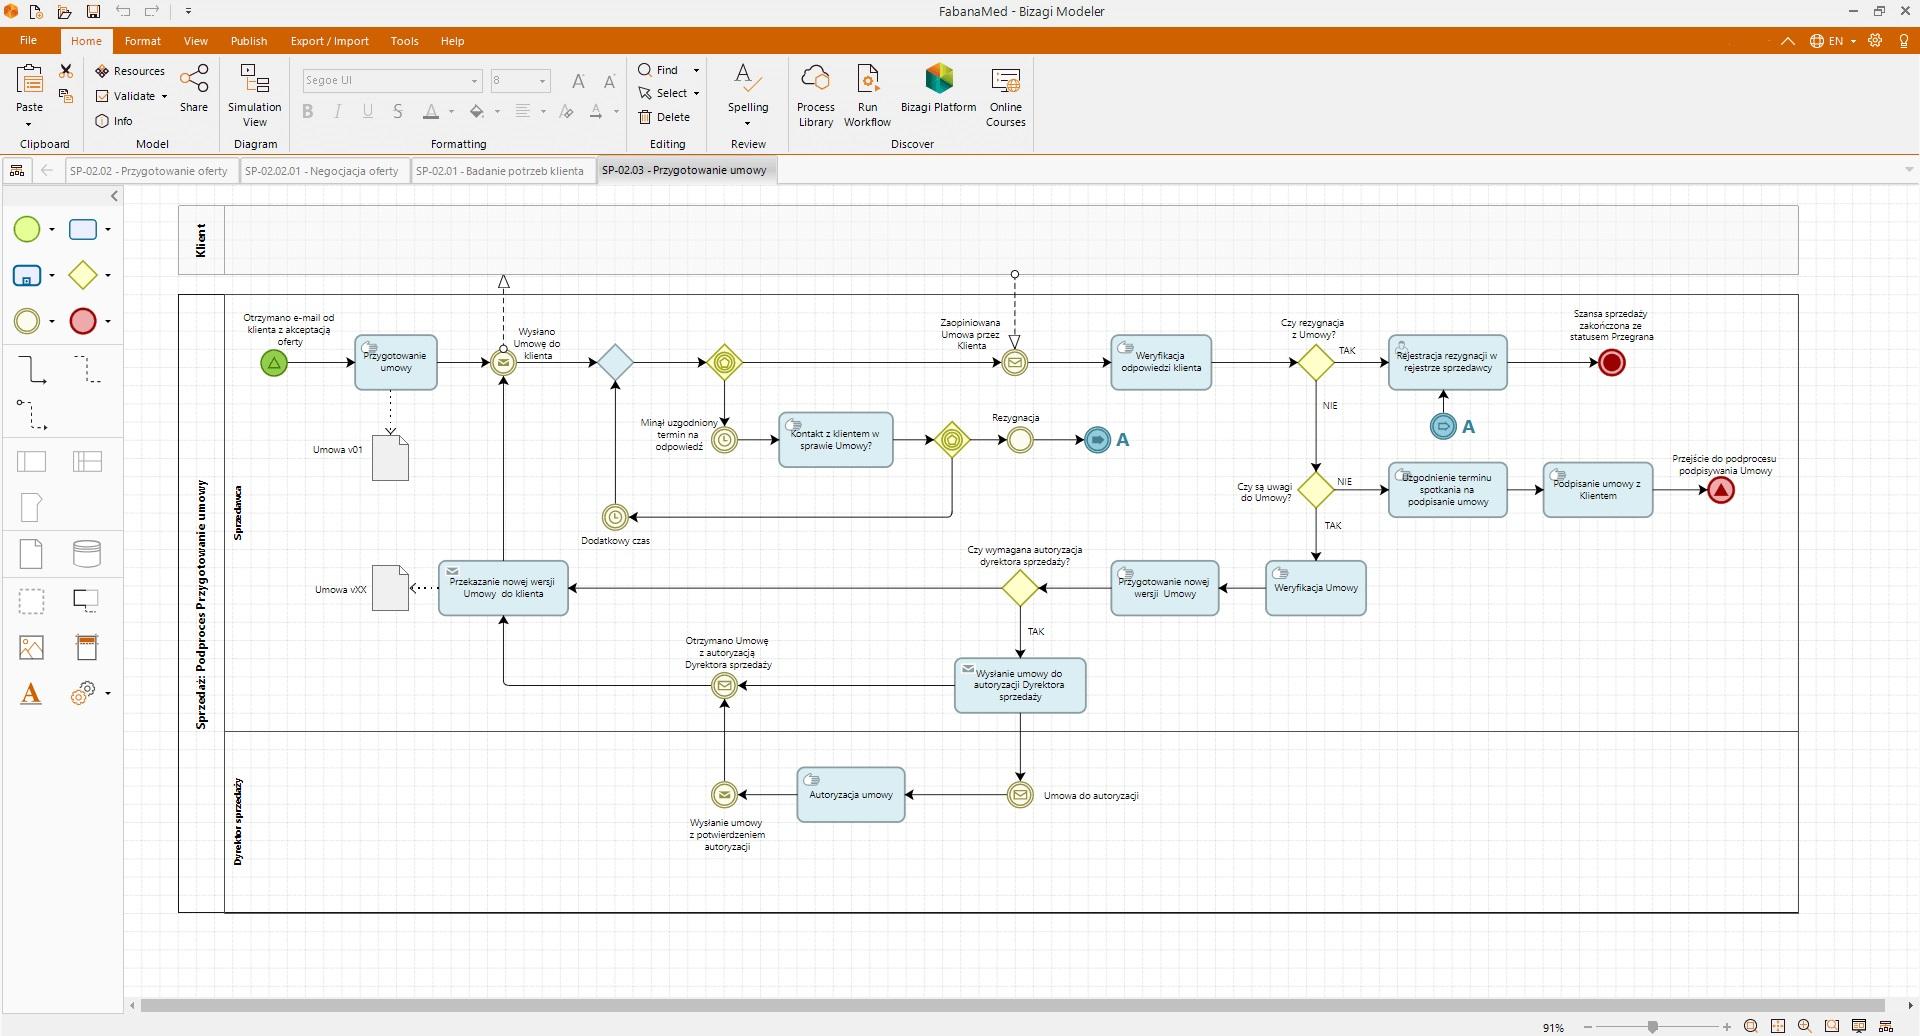 bizagi modeler, diagram procesu